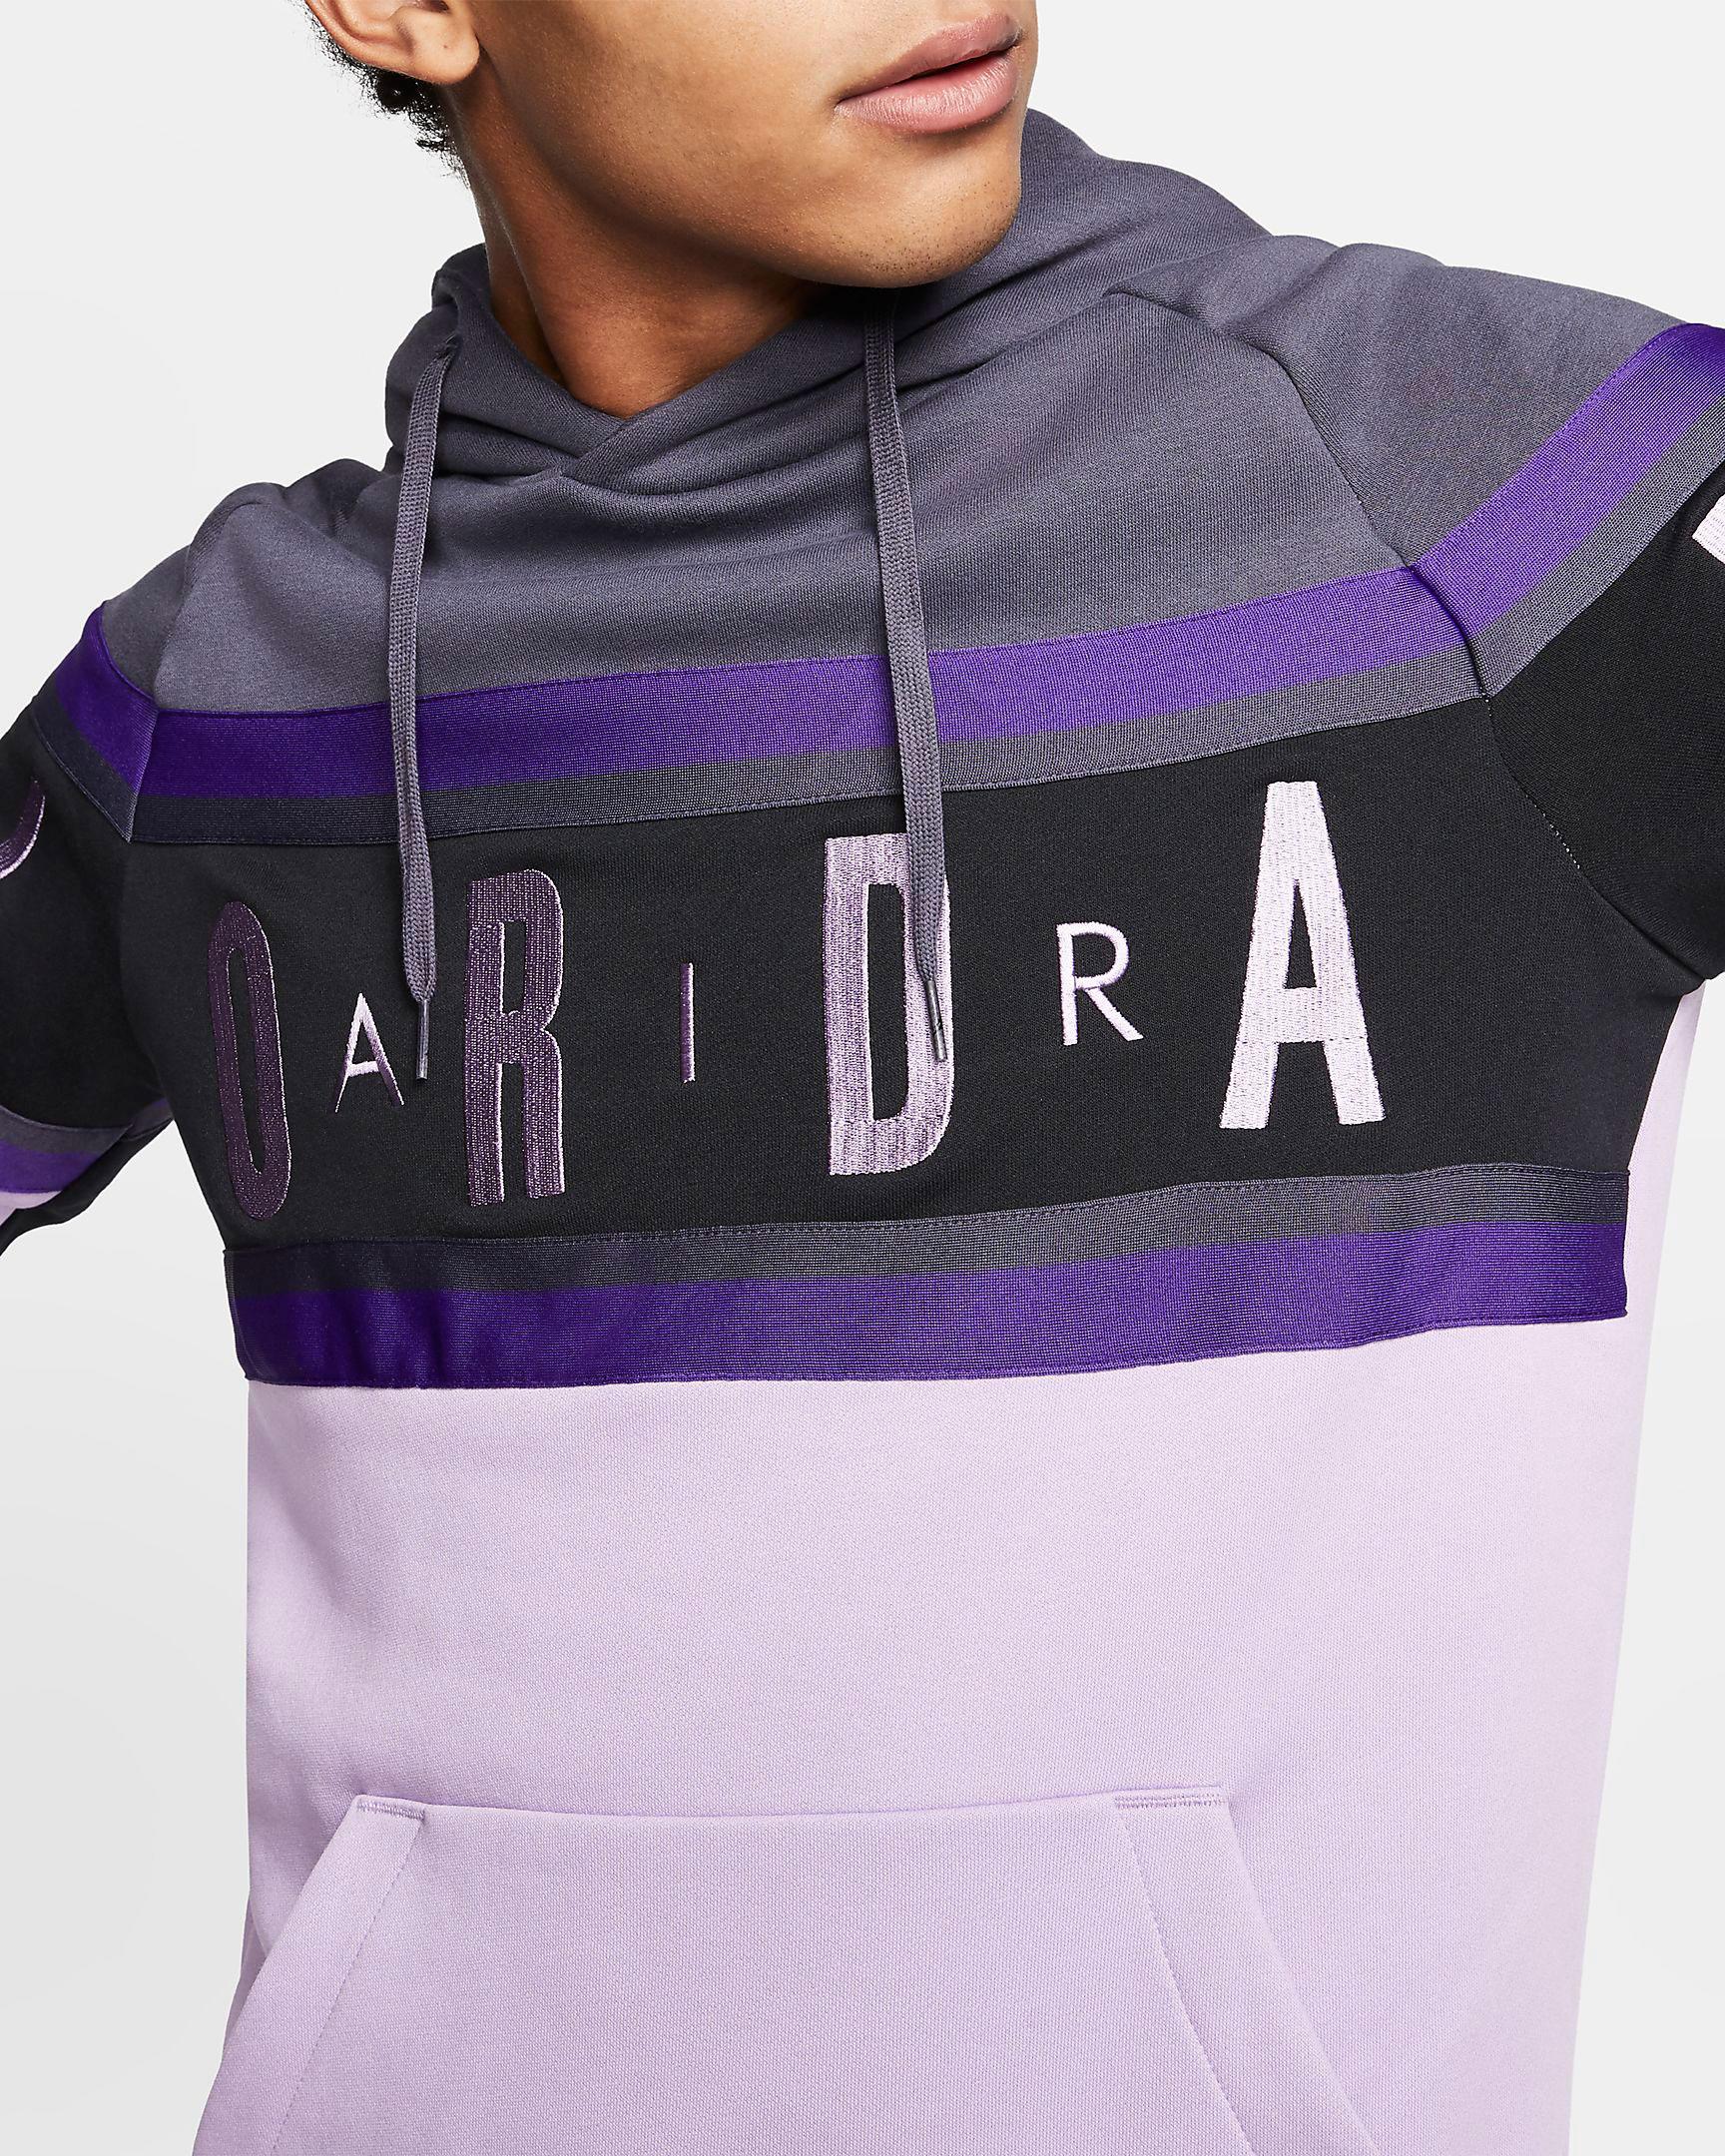 air-jordan-4-metallic-purple-hoodie-match-3